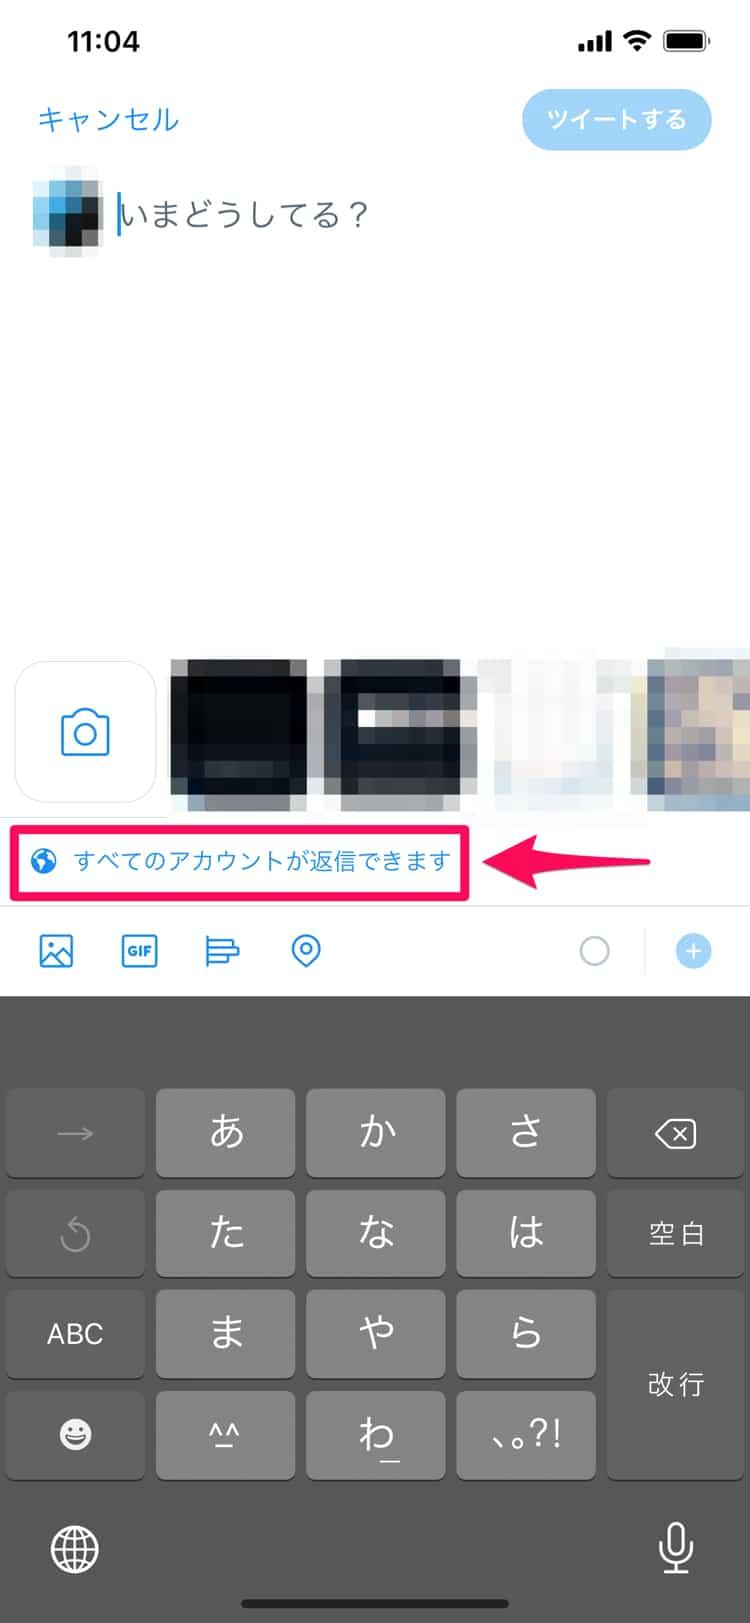 Twitterのスマホアプリでツイートに返信できるアカウントを設定する